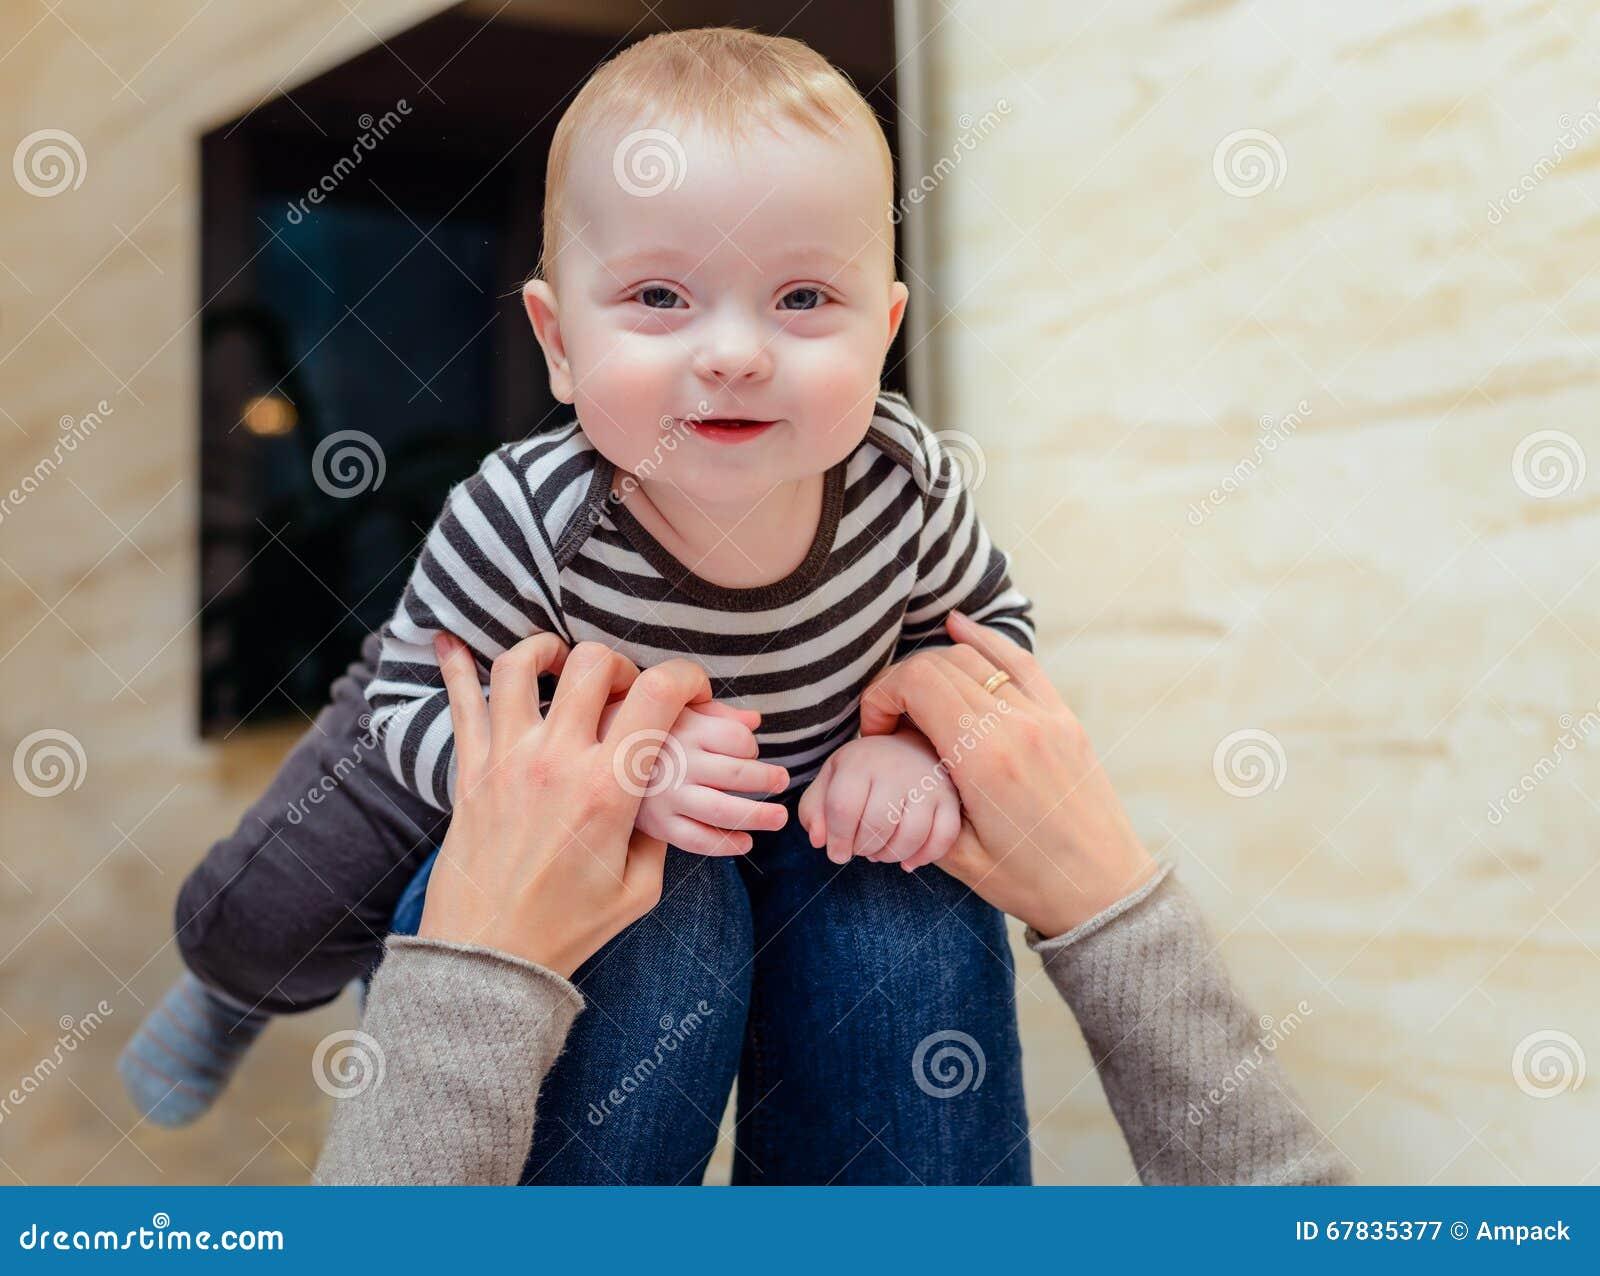 Kicherndes Baby oben auf Knien des Erwachsenen